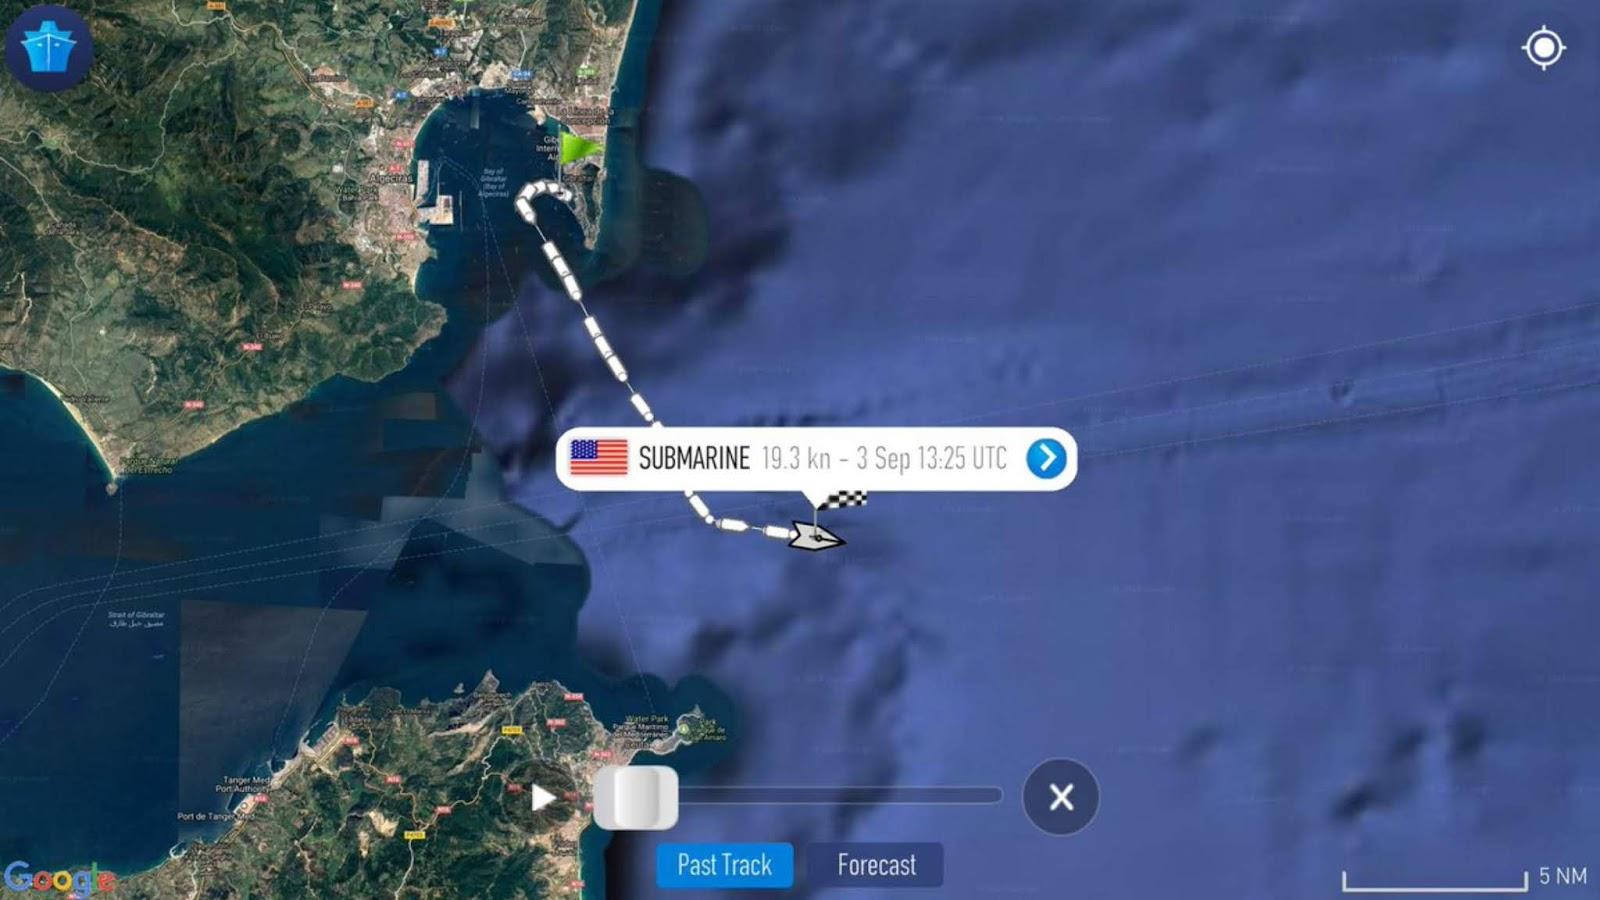 Kapal selam nuklir Angkatan Laut AS memasuki Laut Mediterania